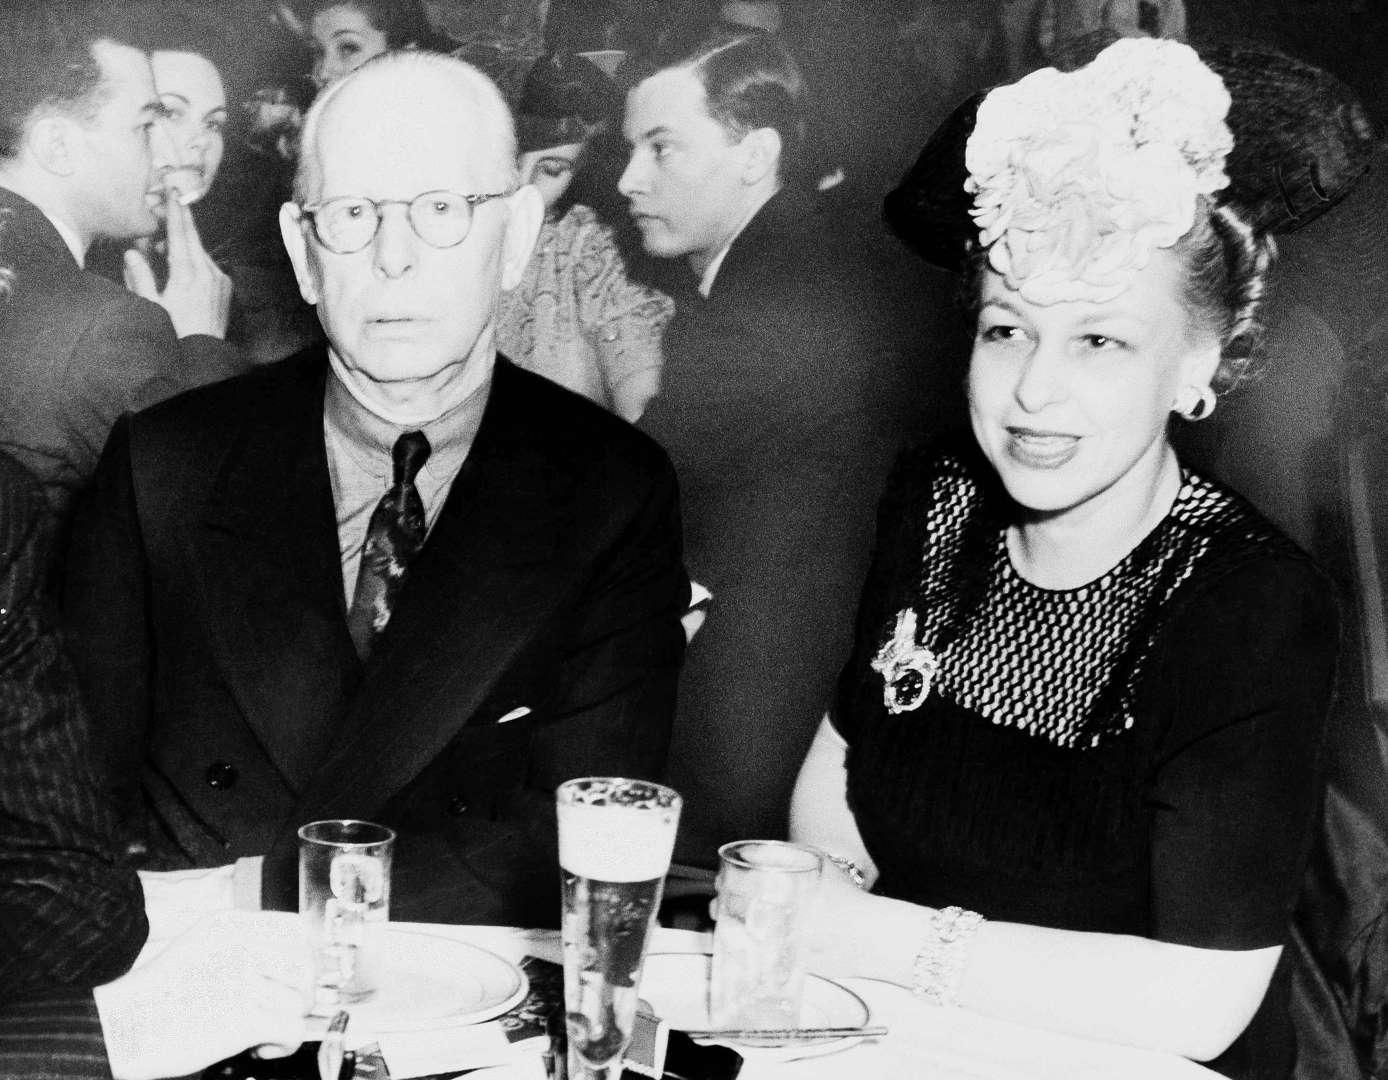 Последнее прижизненное фото Джесси Ливермора. 28 ноября 1940 г. Фото с сайта commons.wikimedia.org